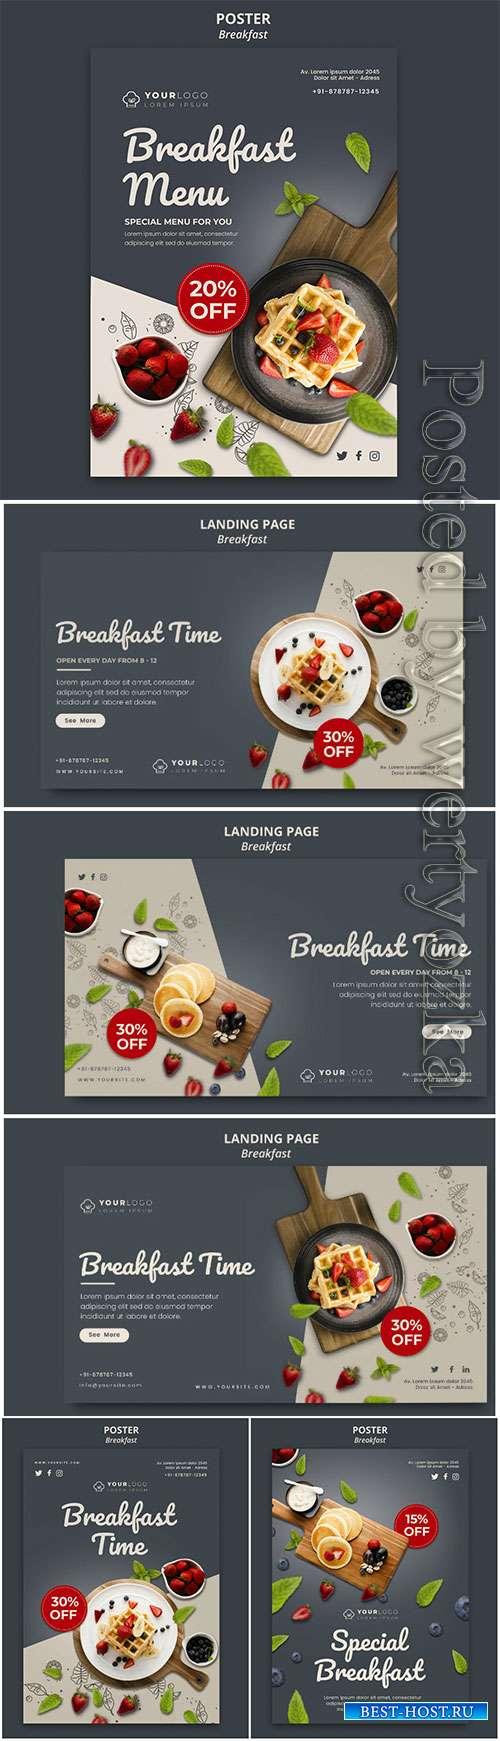 Breakfast time flyer template